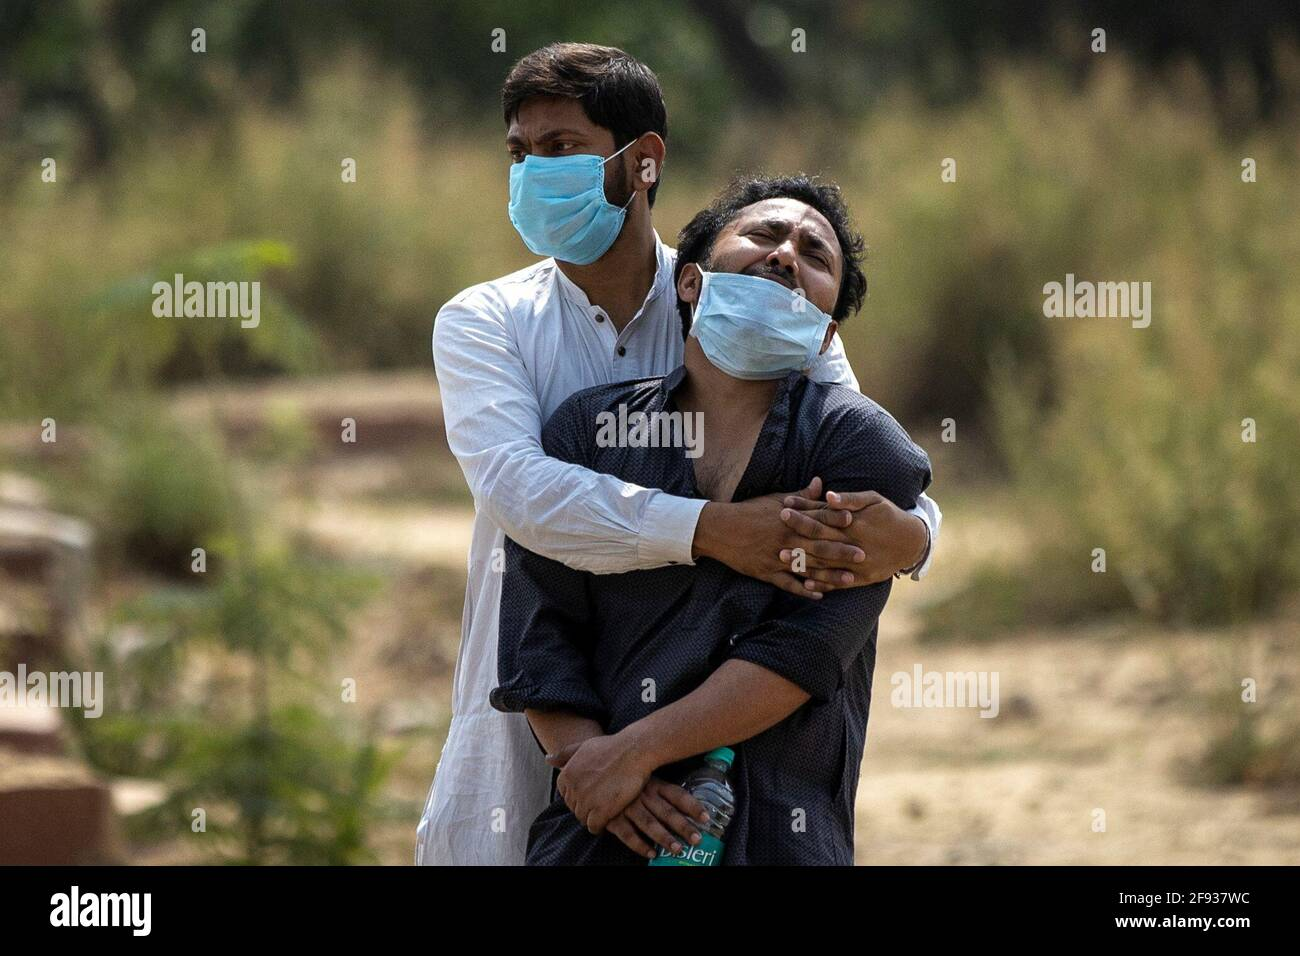 Un uomo è consolato dal suo parente come vede il corpo di suo padre, che è morto dalla malattia del coronavirus (COVID-19), prima della sua sepoltura in un cimitero a Nuova Delhi, India, 16 aprile 2021. REUTERS/Danese Siddiqui Foto Stock